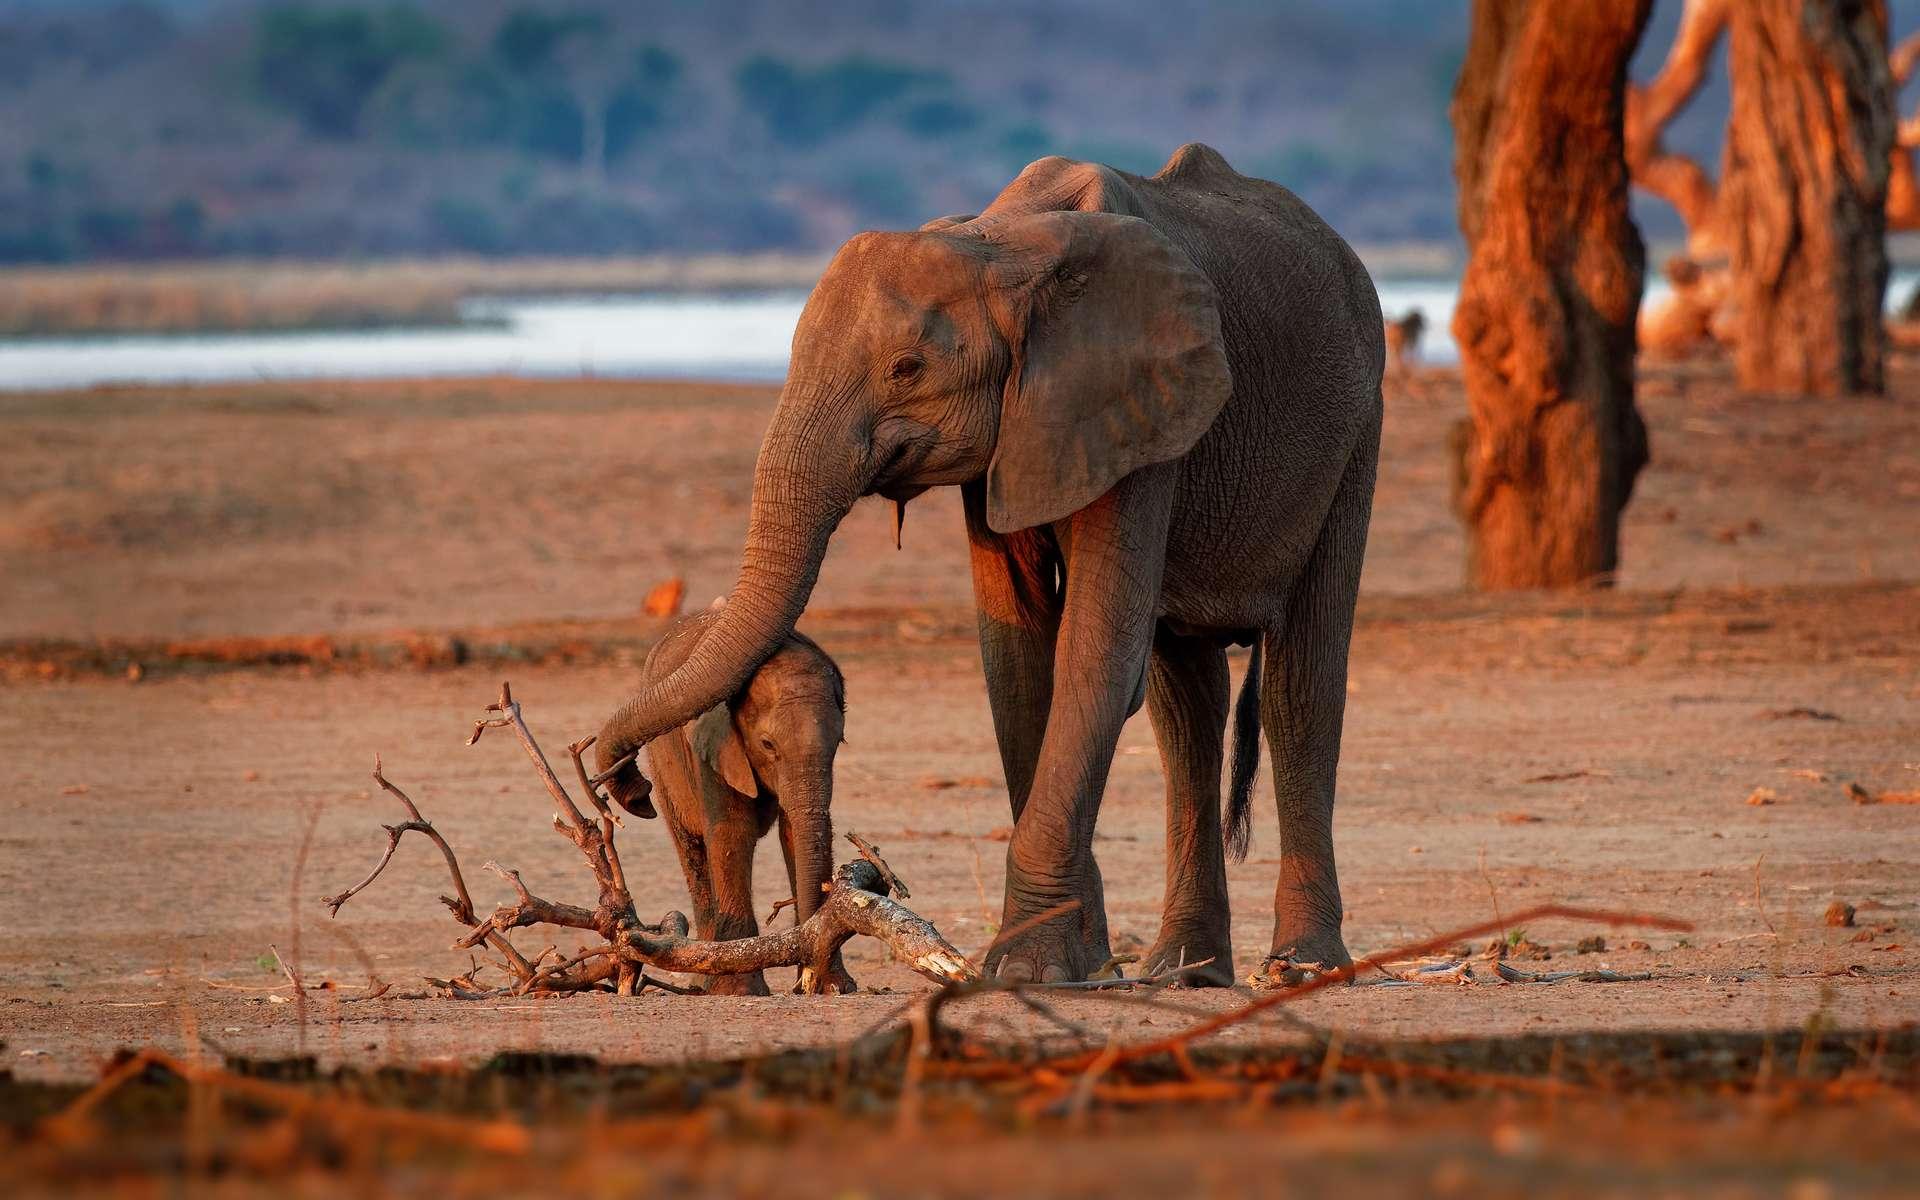 Éléphanteau de savane d'Afrique avec sa mère. © phototrip.cz, Adobe Stock